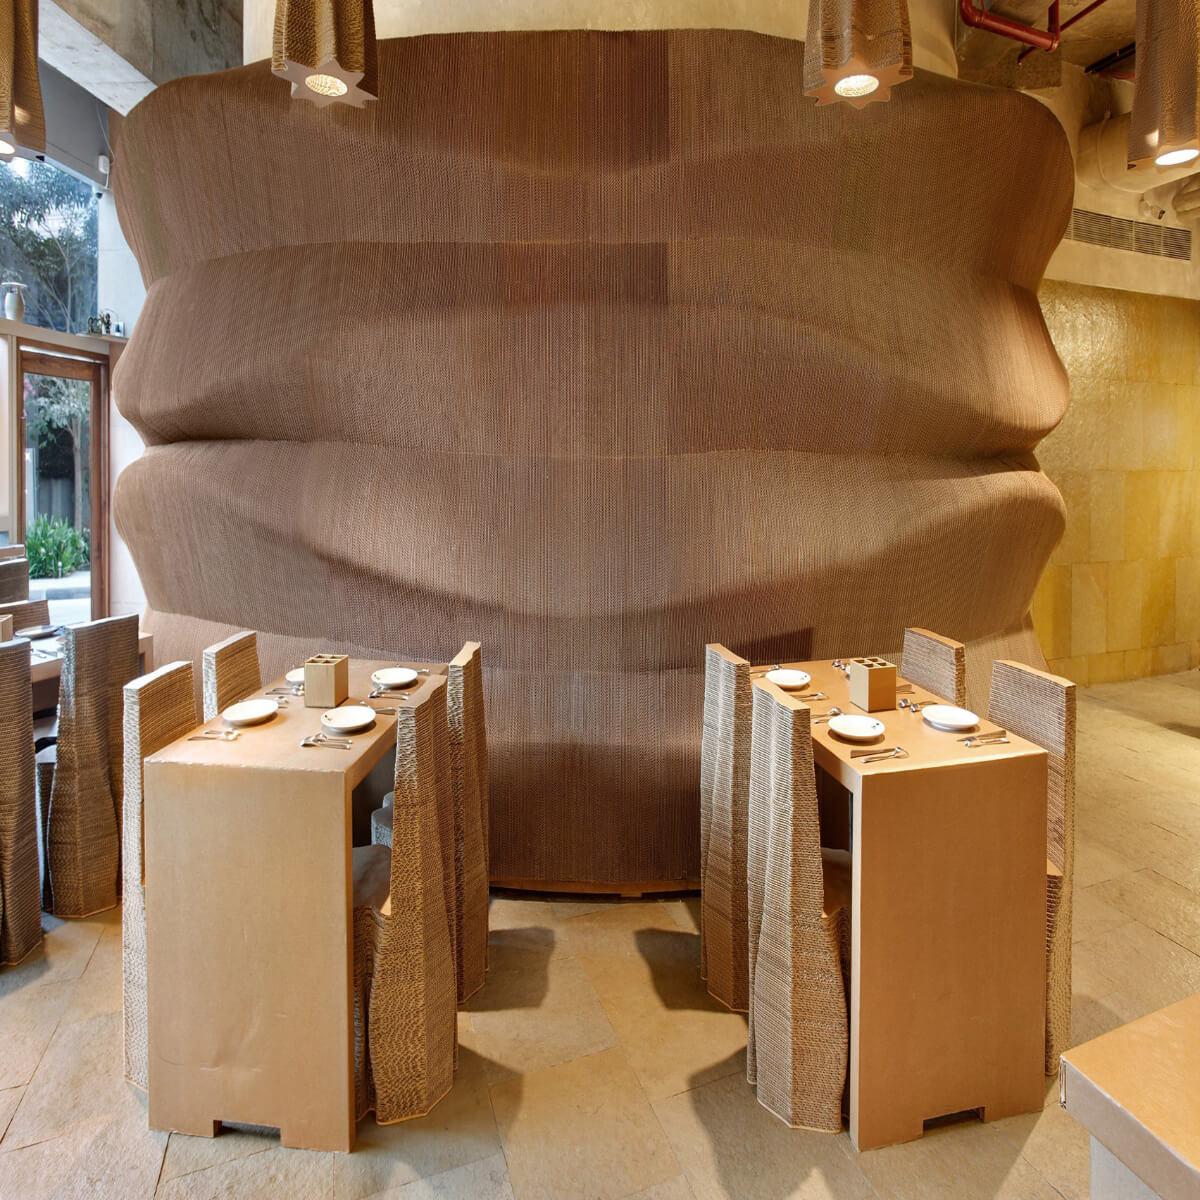 Cardboard cafe - bombay nude architects - wnętrze kawiarni